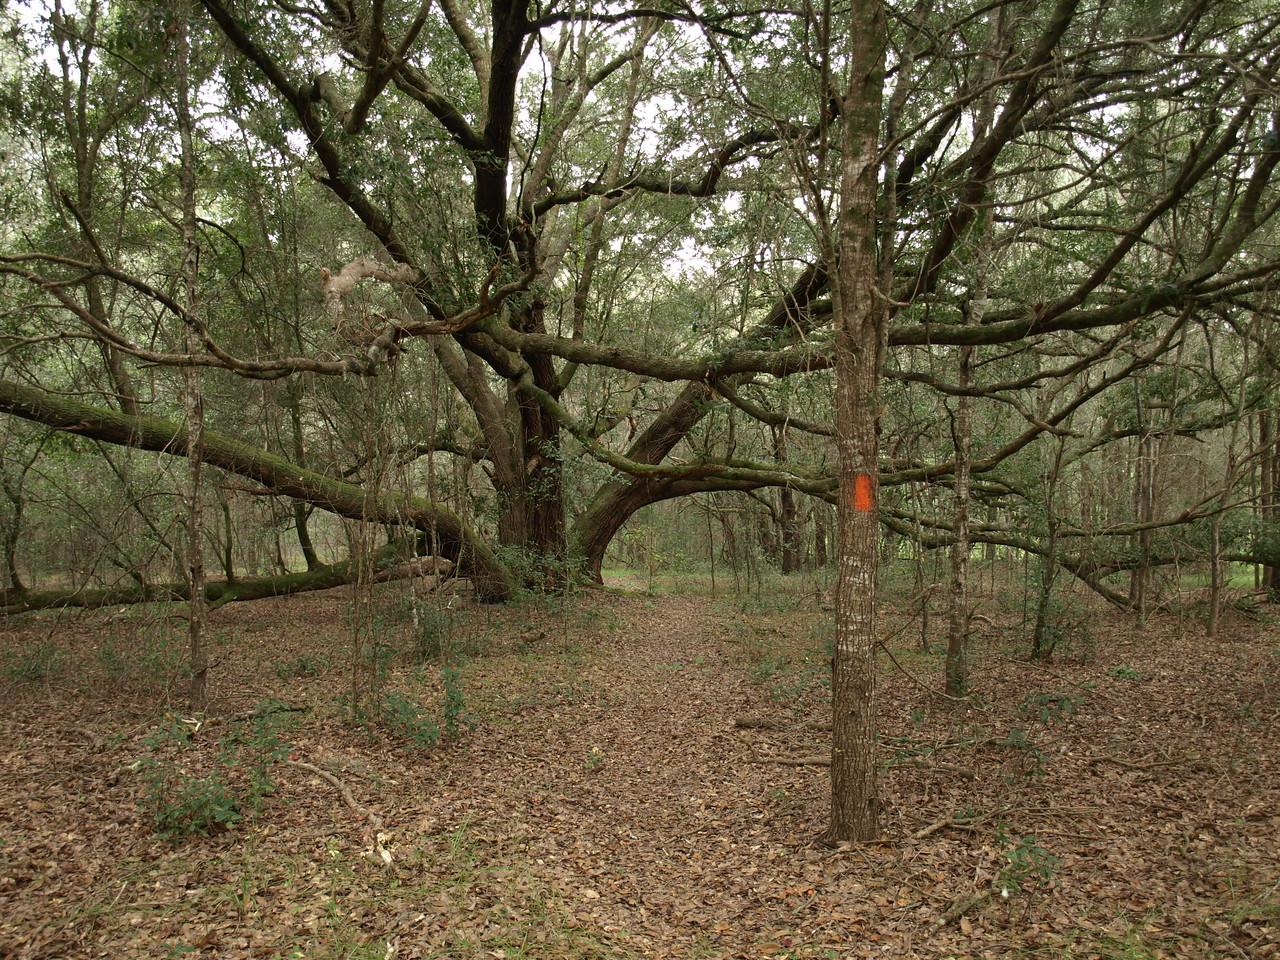 Grandaddy Oak on the Florida Trail<br /> Photo by Connie Hagelshaw